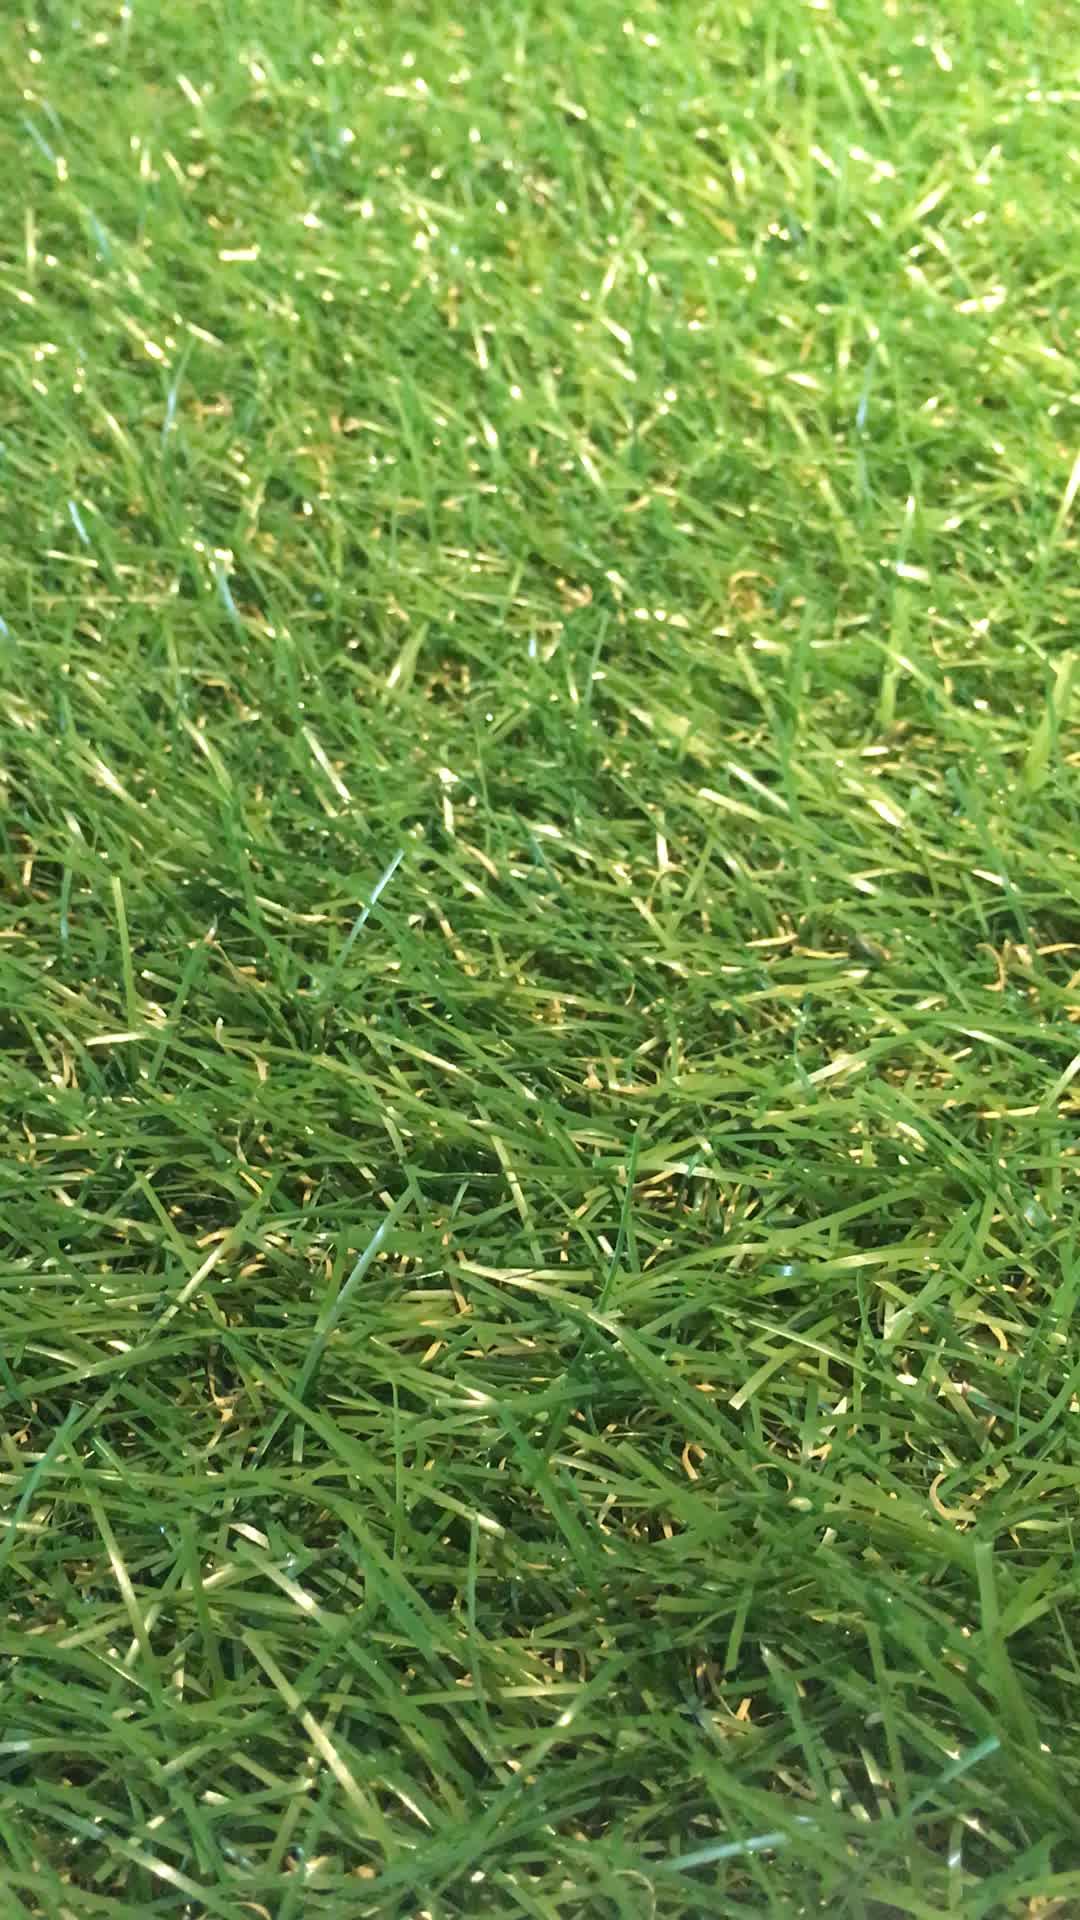 AAG landscaping artificial grass ,artificial turf, grass artificial